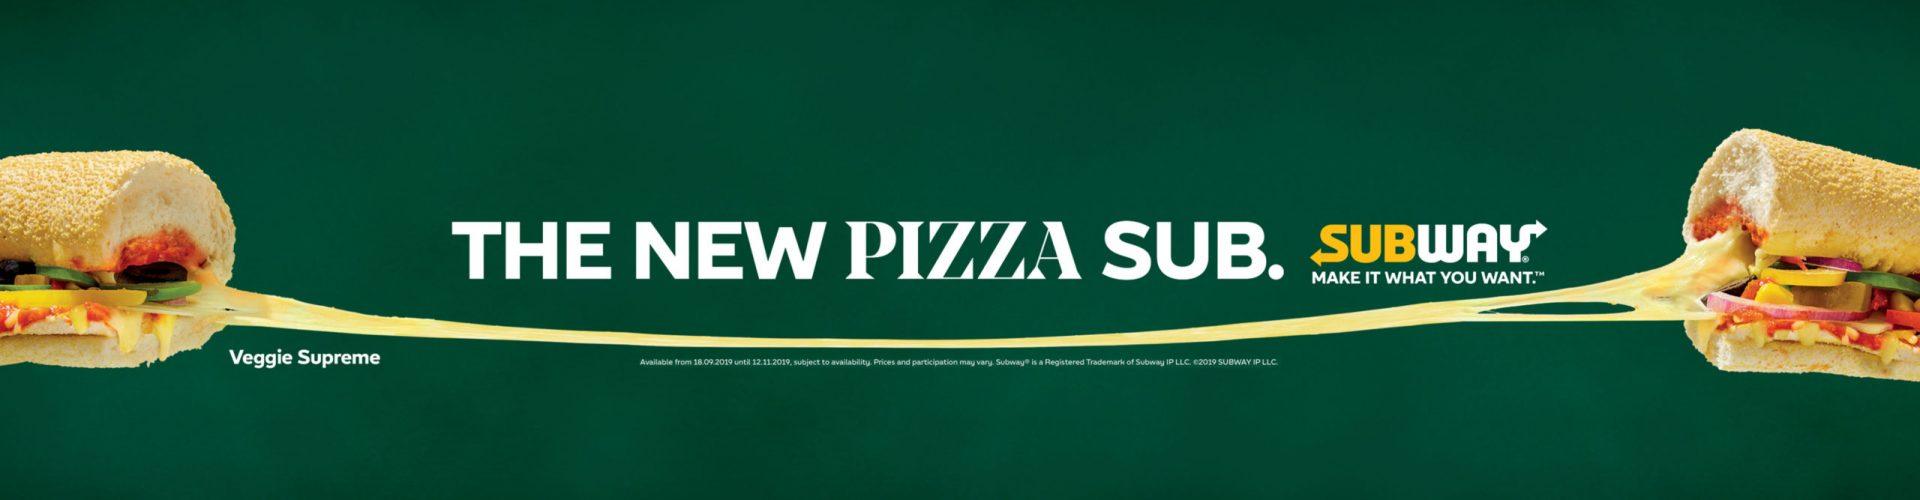 Subway Pizza Sub